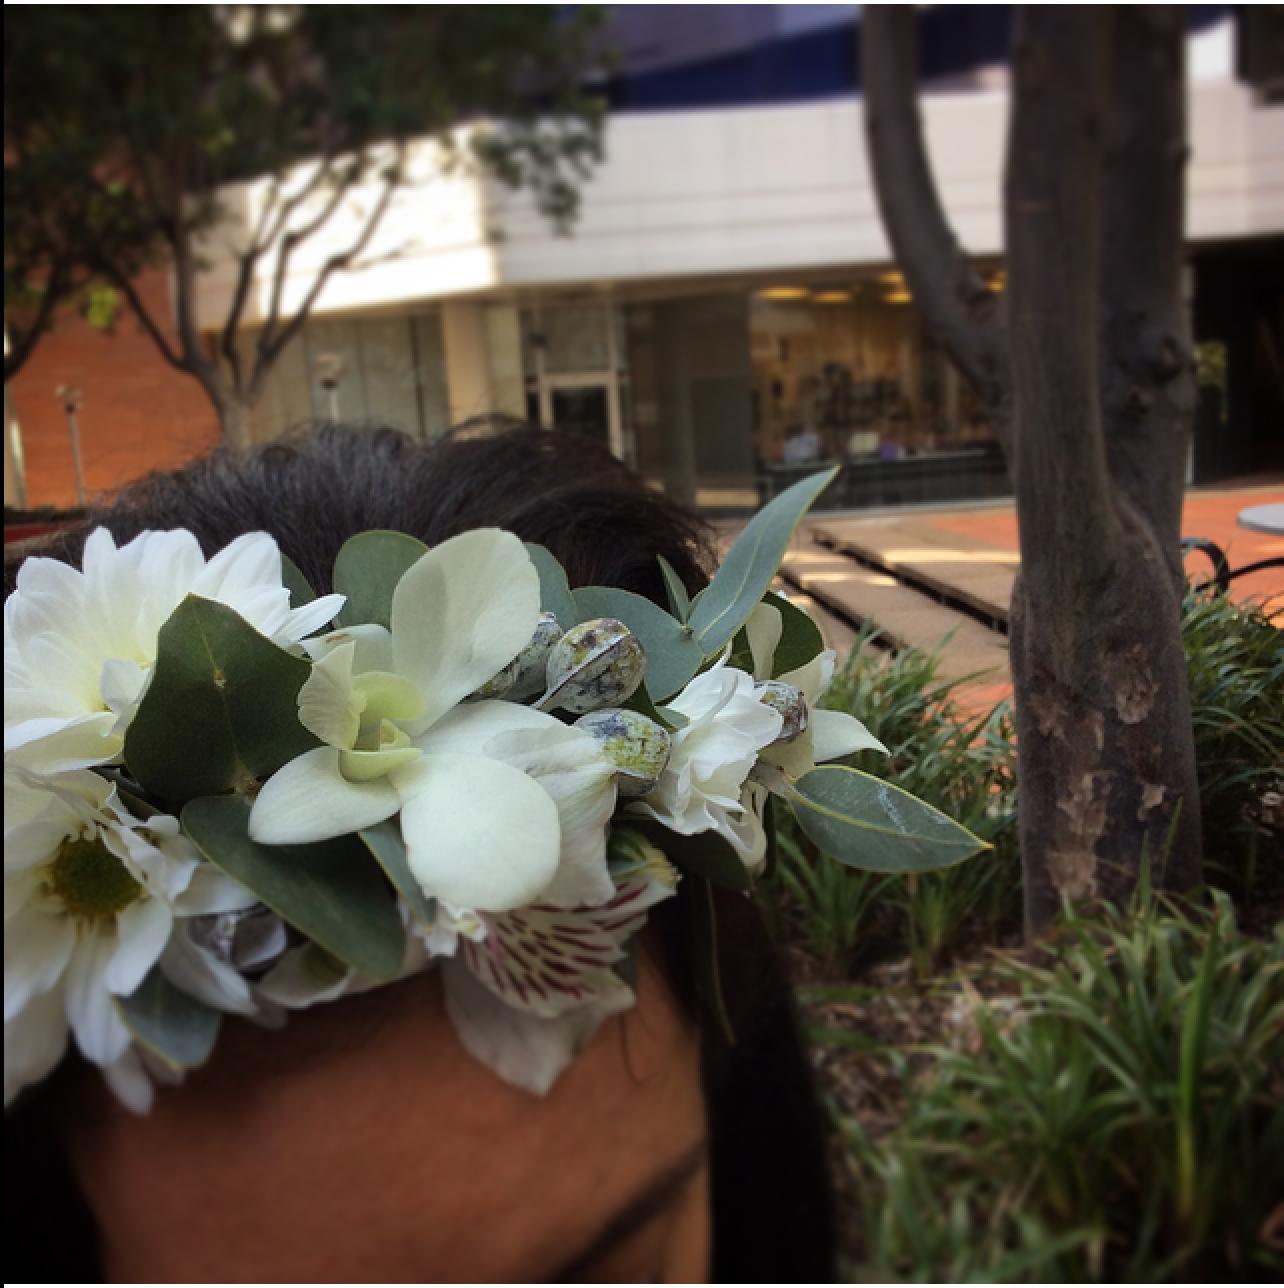 Half Flower Crown A Touch Of Class Florist